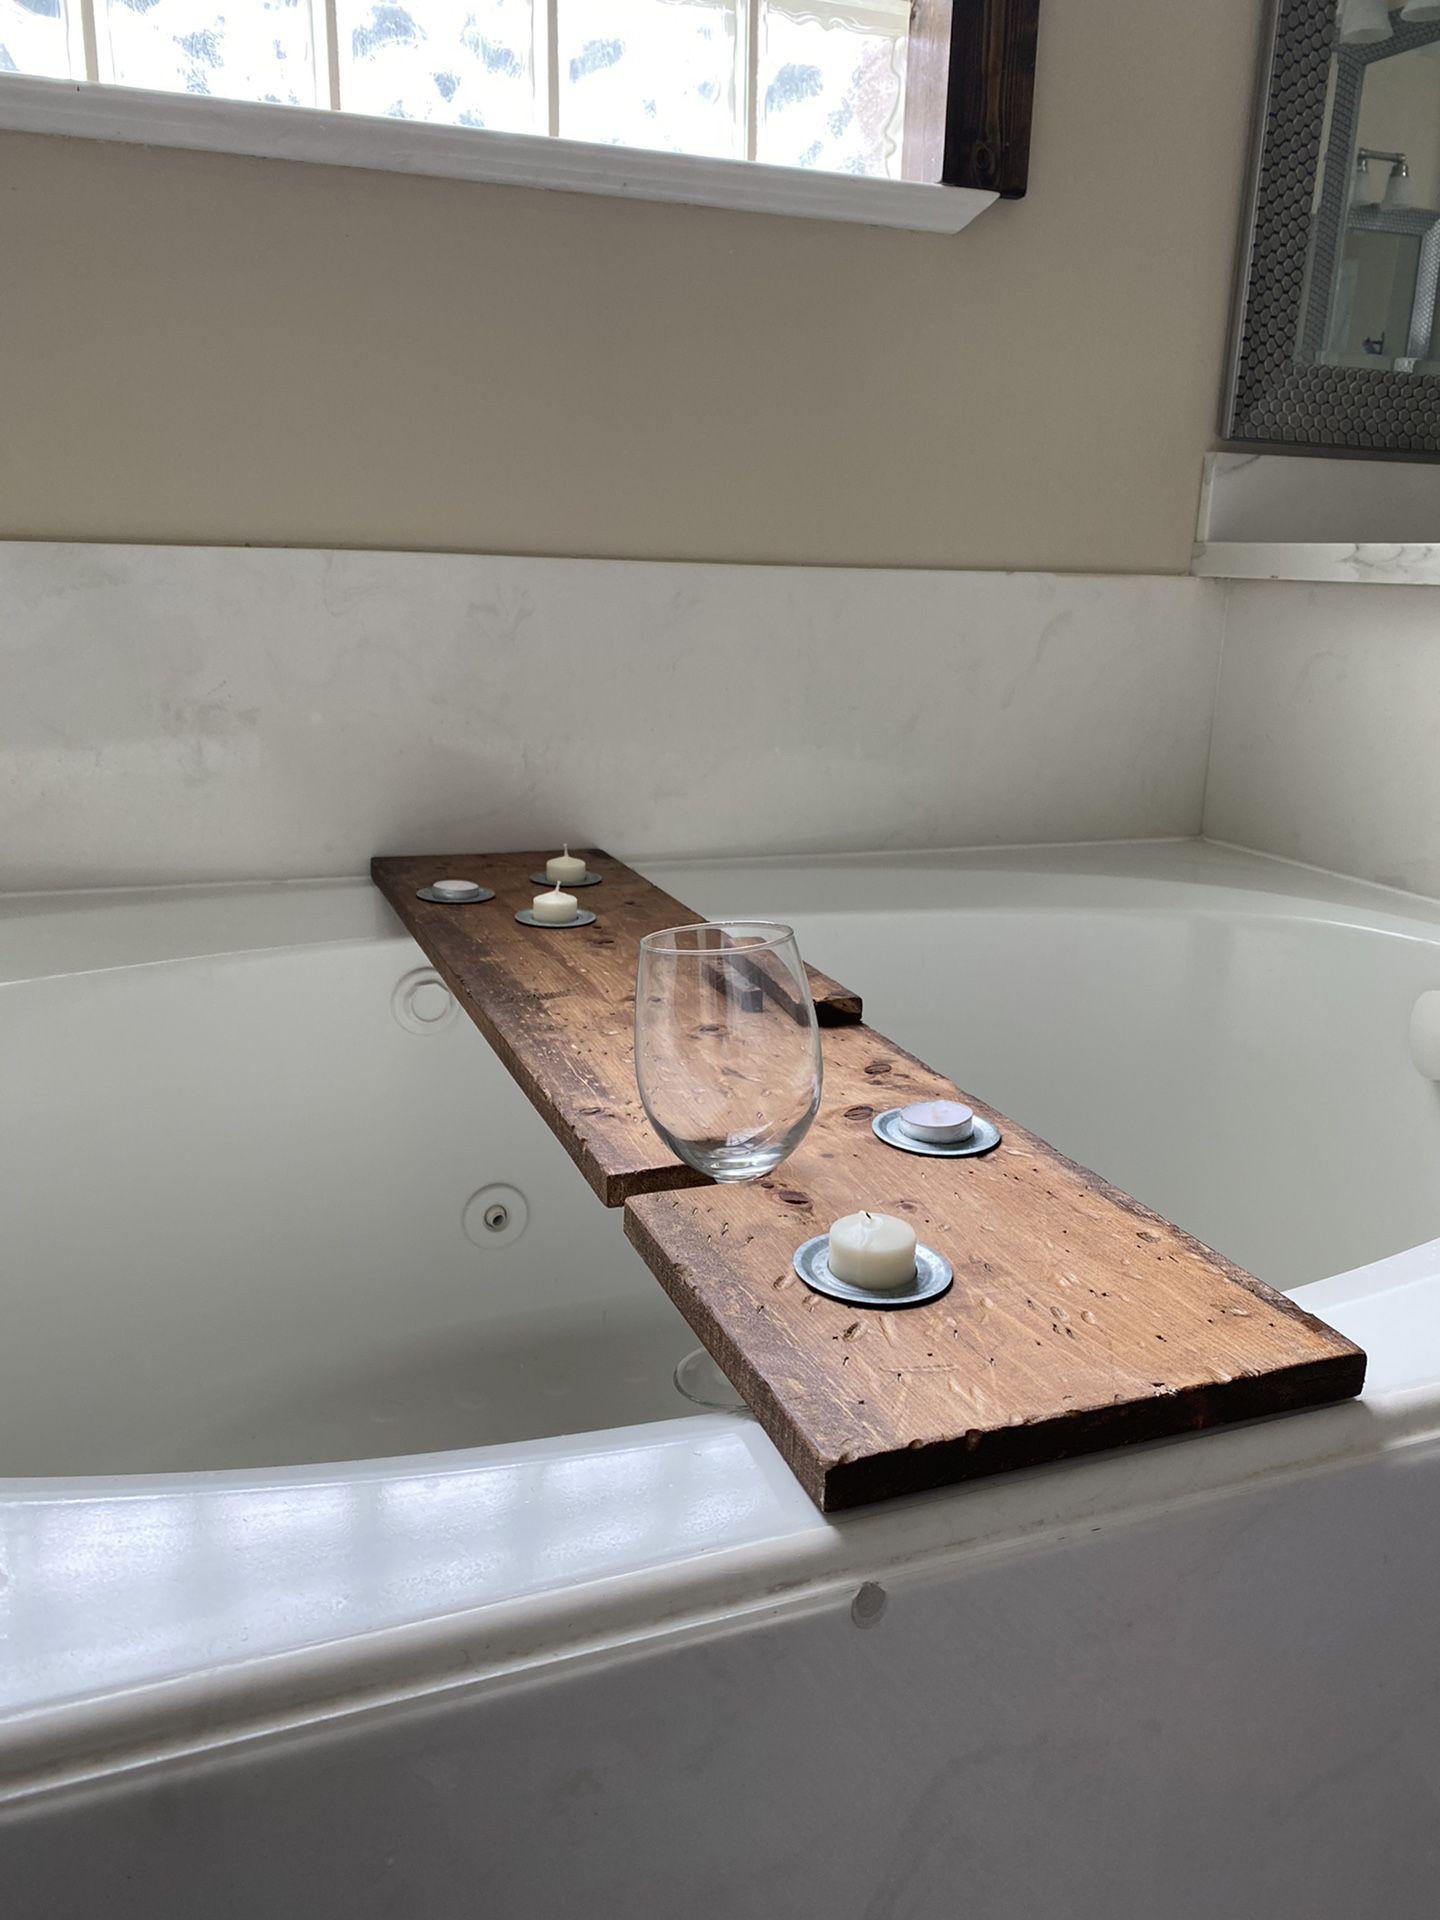 Rustic Wooden Bath Caddy